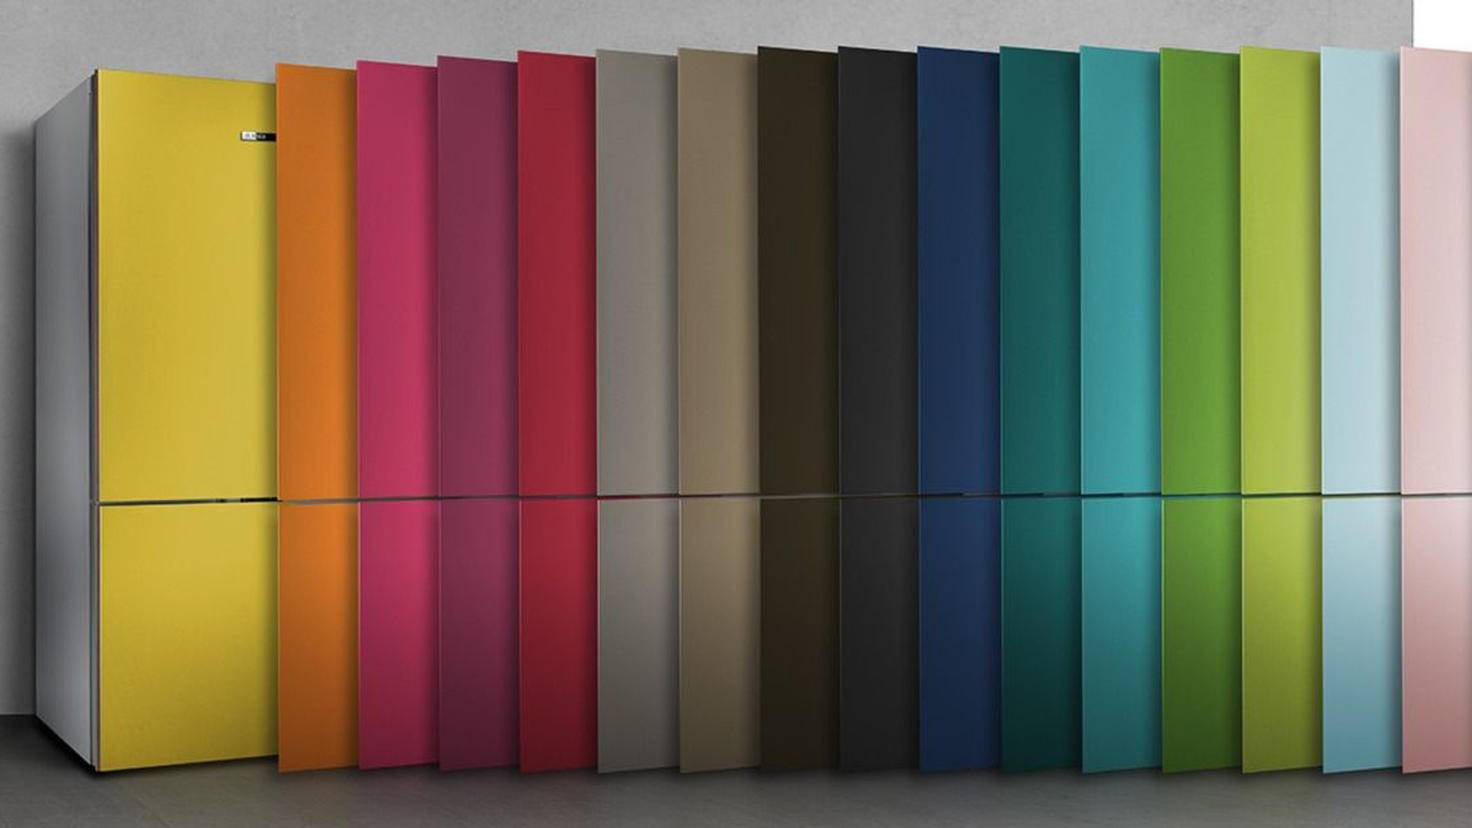 Bosch Kühlschrank Null Grad Zone : Vario style: dieser kühlschrank wechselt im nu seine farbe